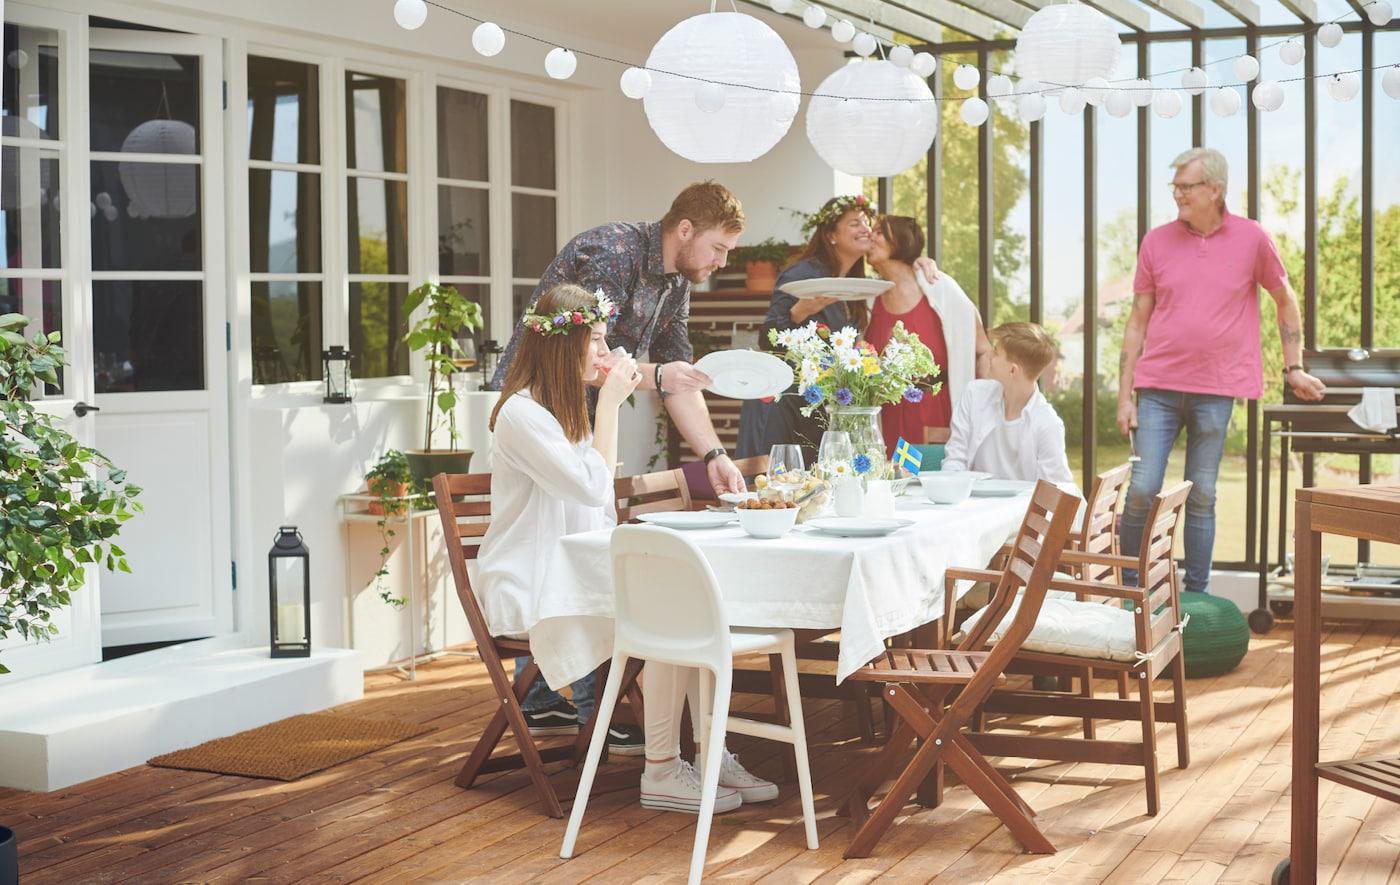 Une terrasse ensoleillée avec des personnes autour d'une table décorée de fleurs, de lanternes suspendues et d'un petit drapeau suédois.